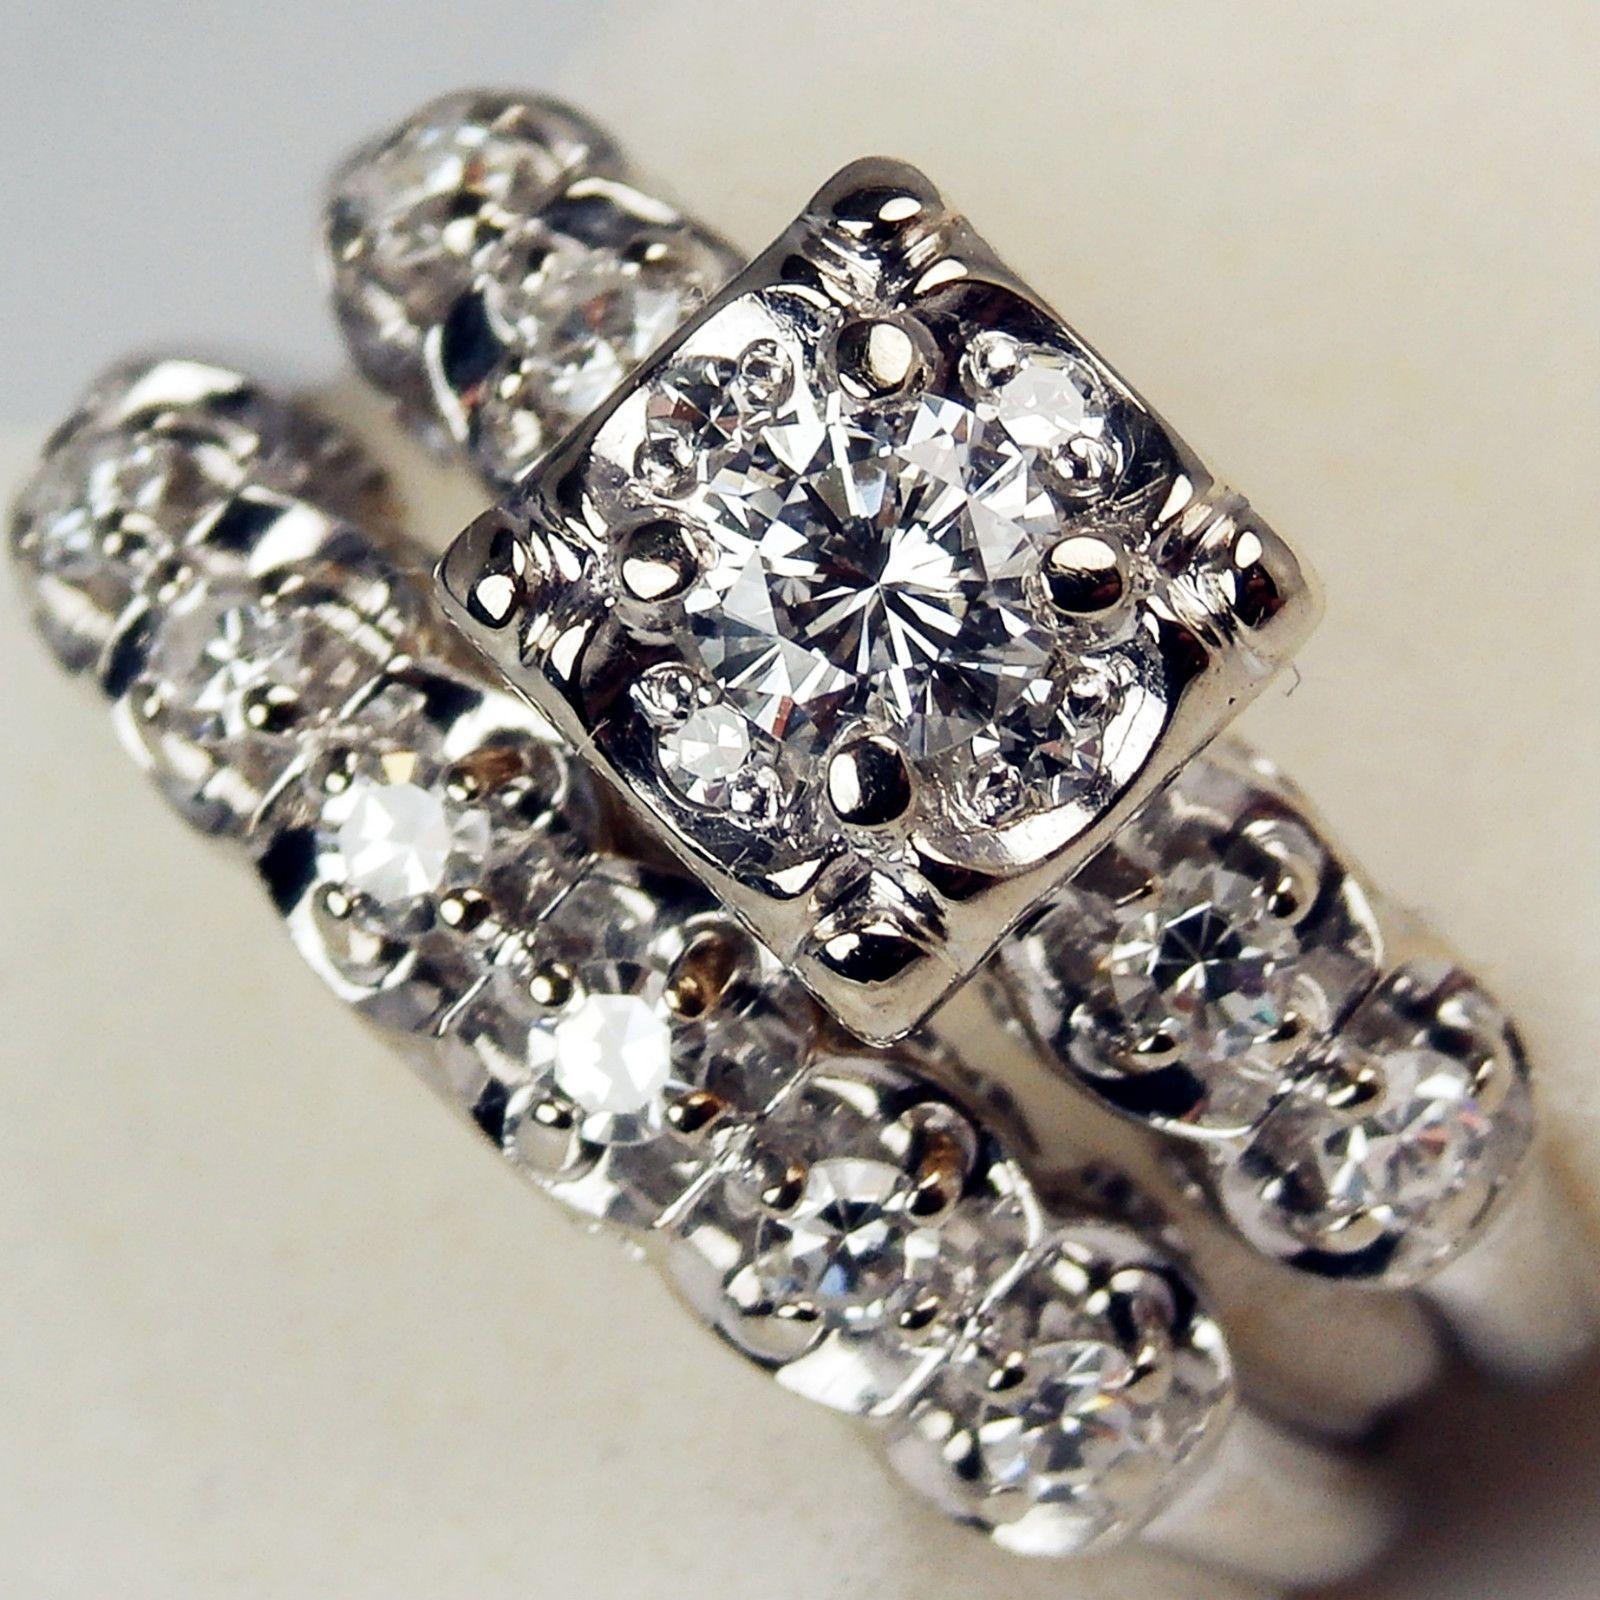 keepsake wedding rings Keepsake 14k Gold Antique Illusion Diamond 35 Ct Engagement Ring Wedding Band 5